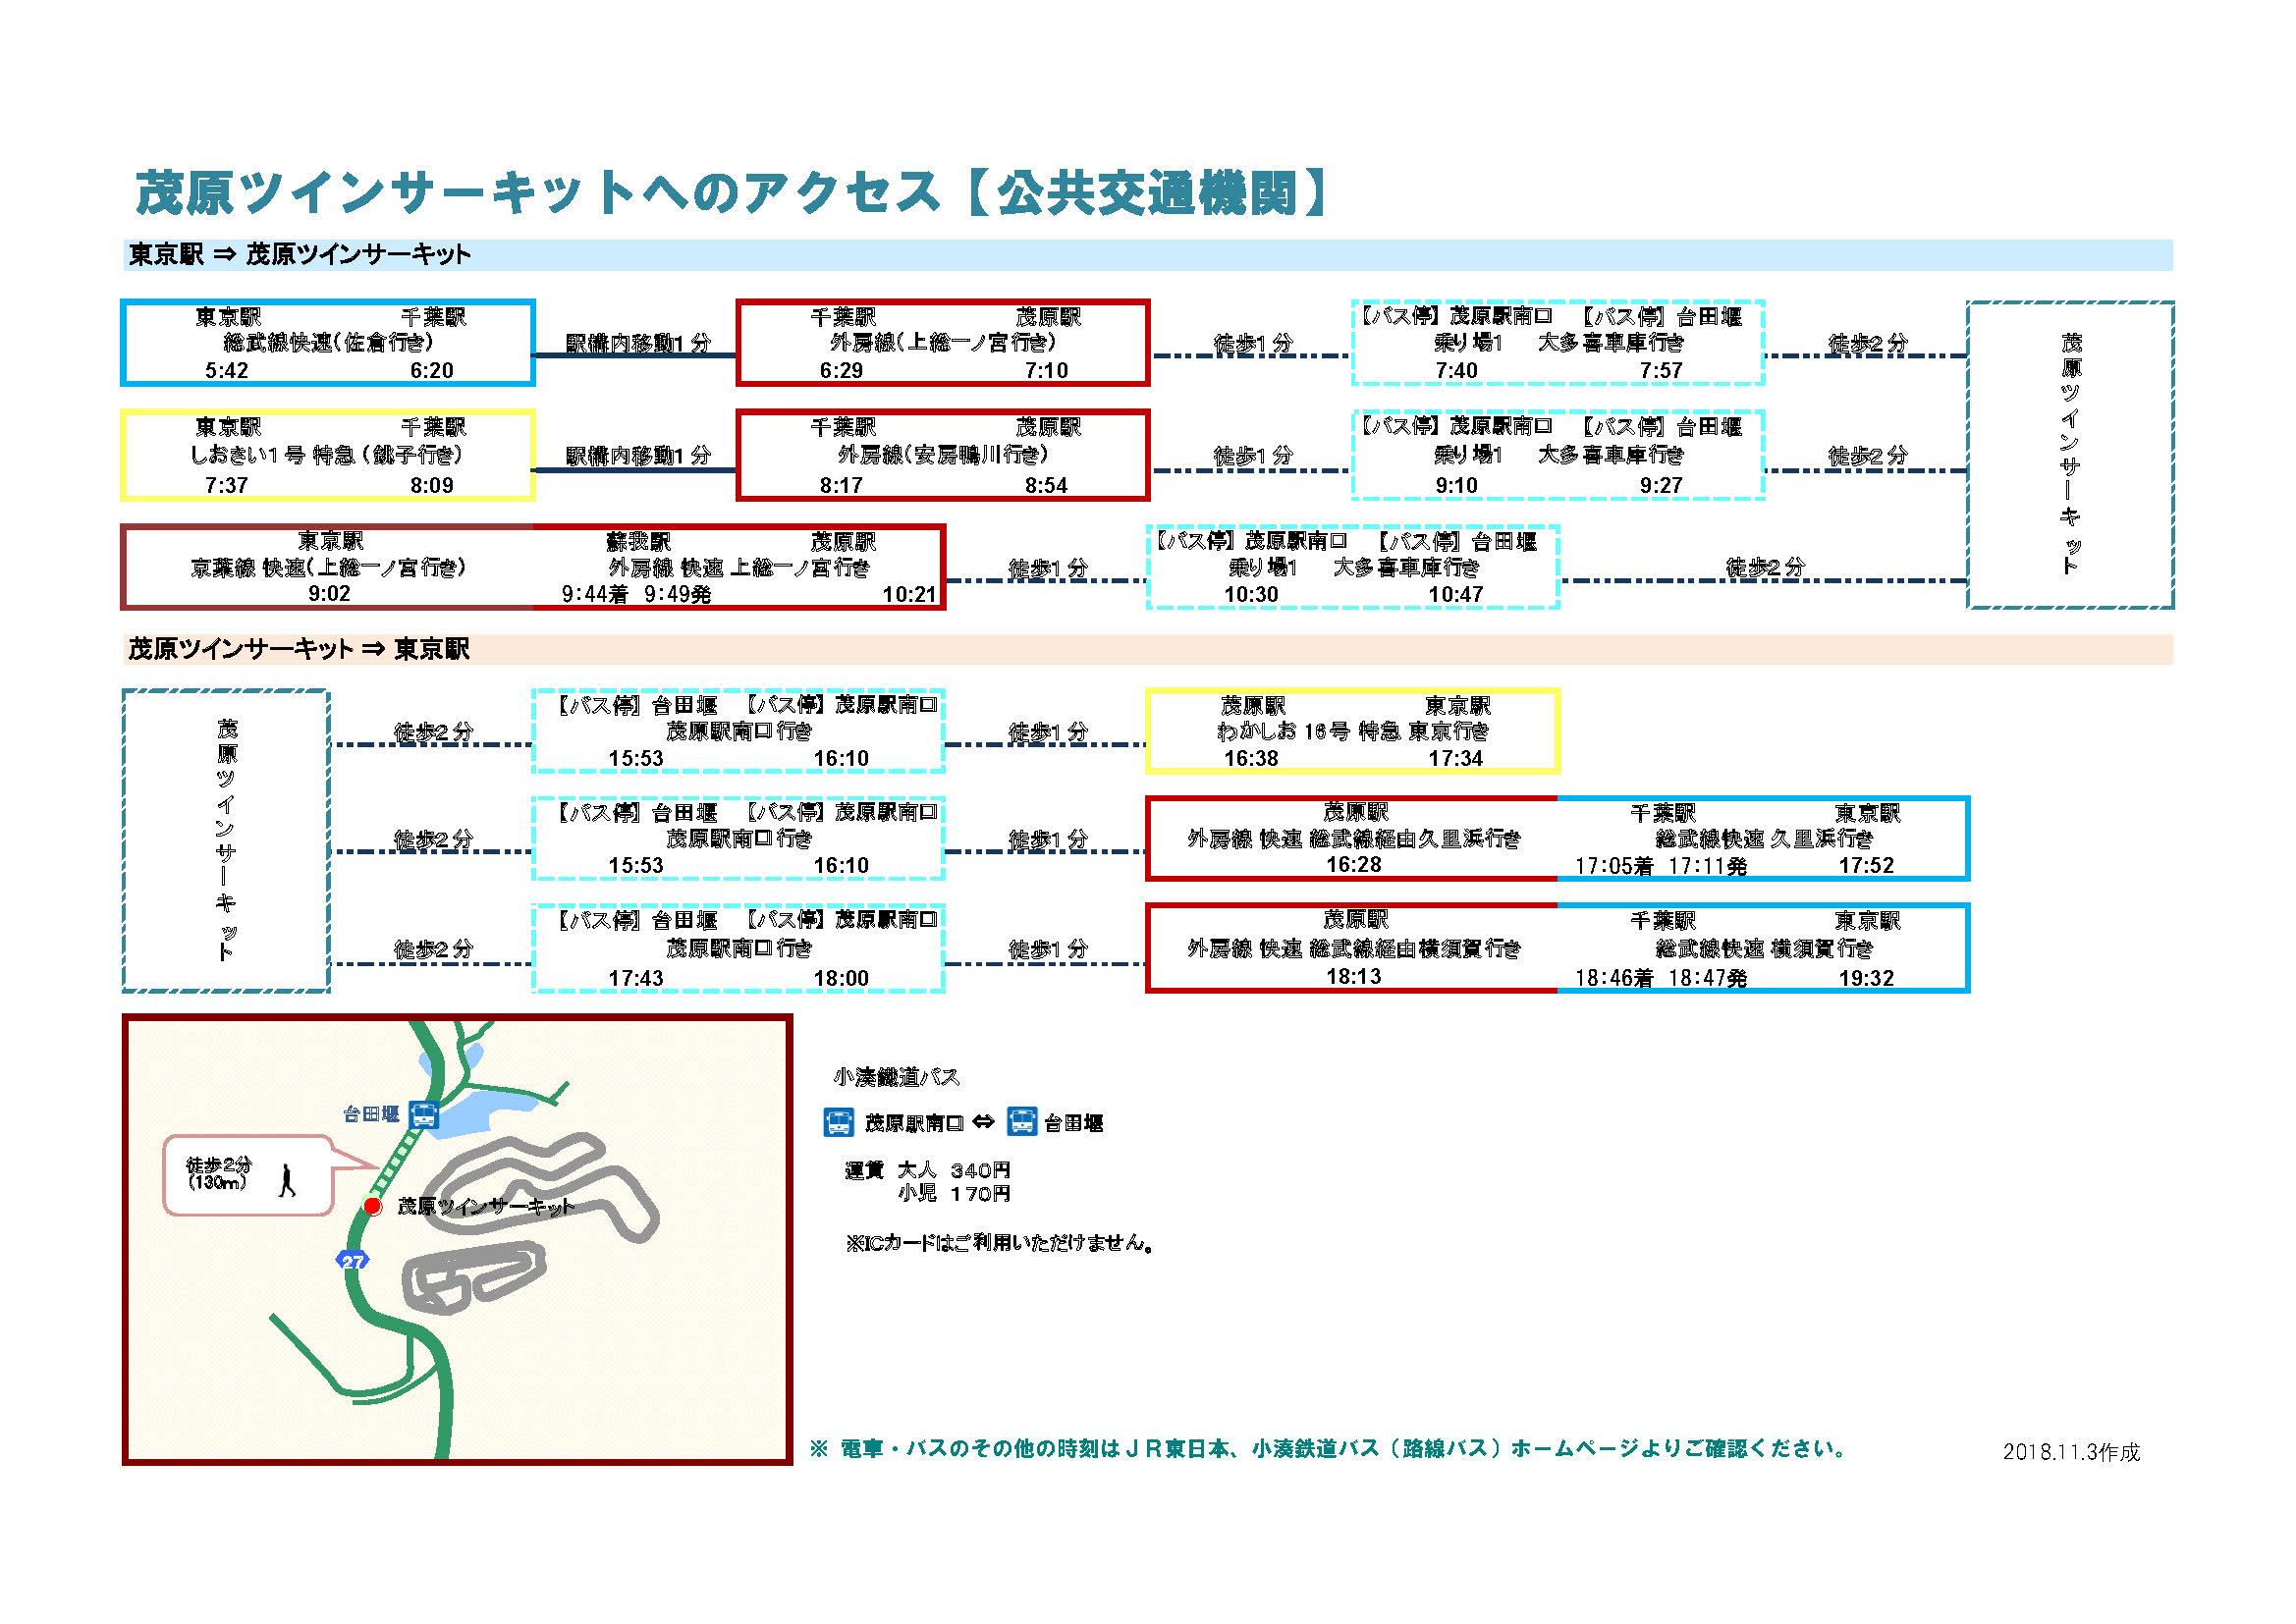 茂原ツインサーキット公共交通機関(2018.11)